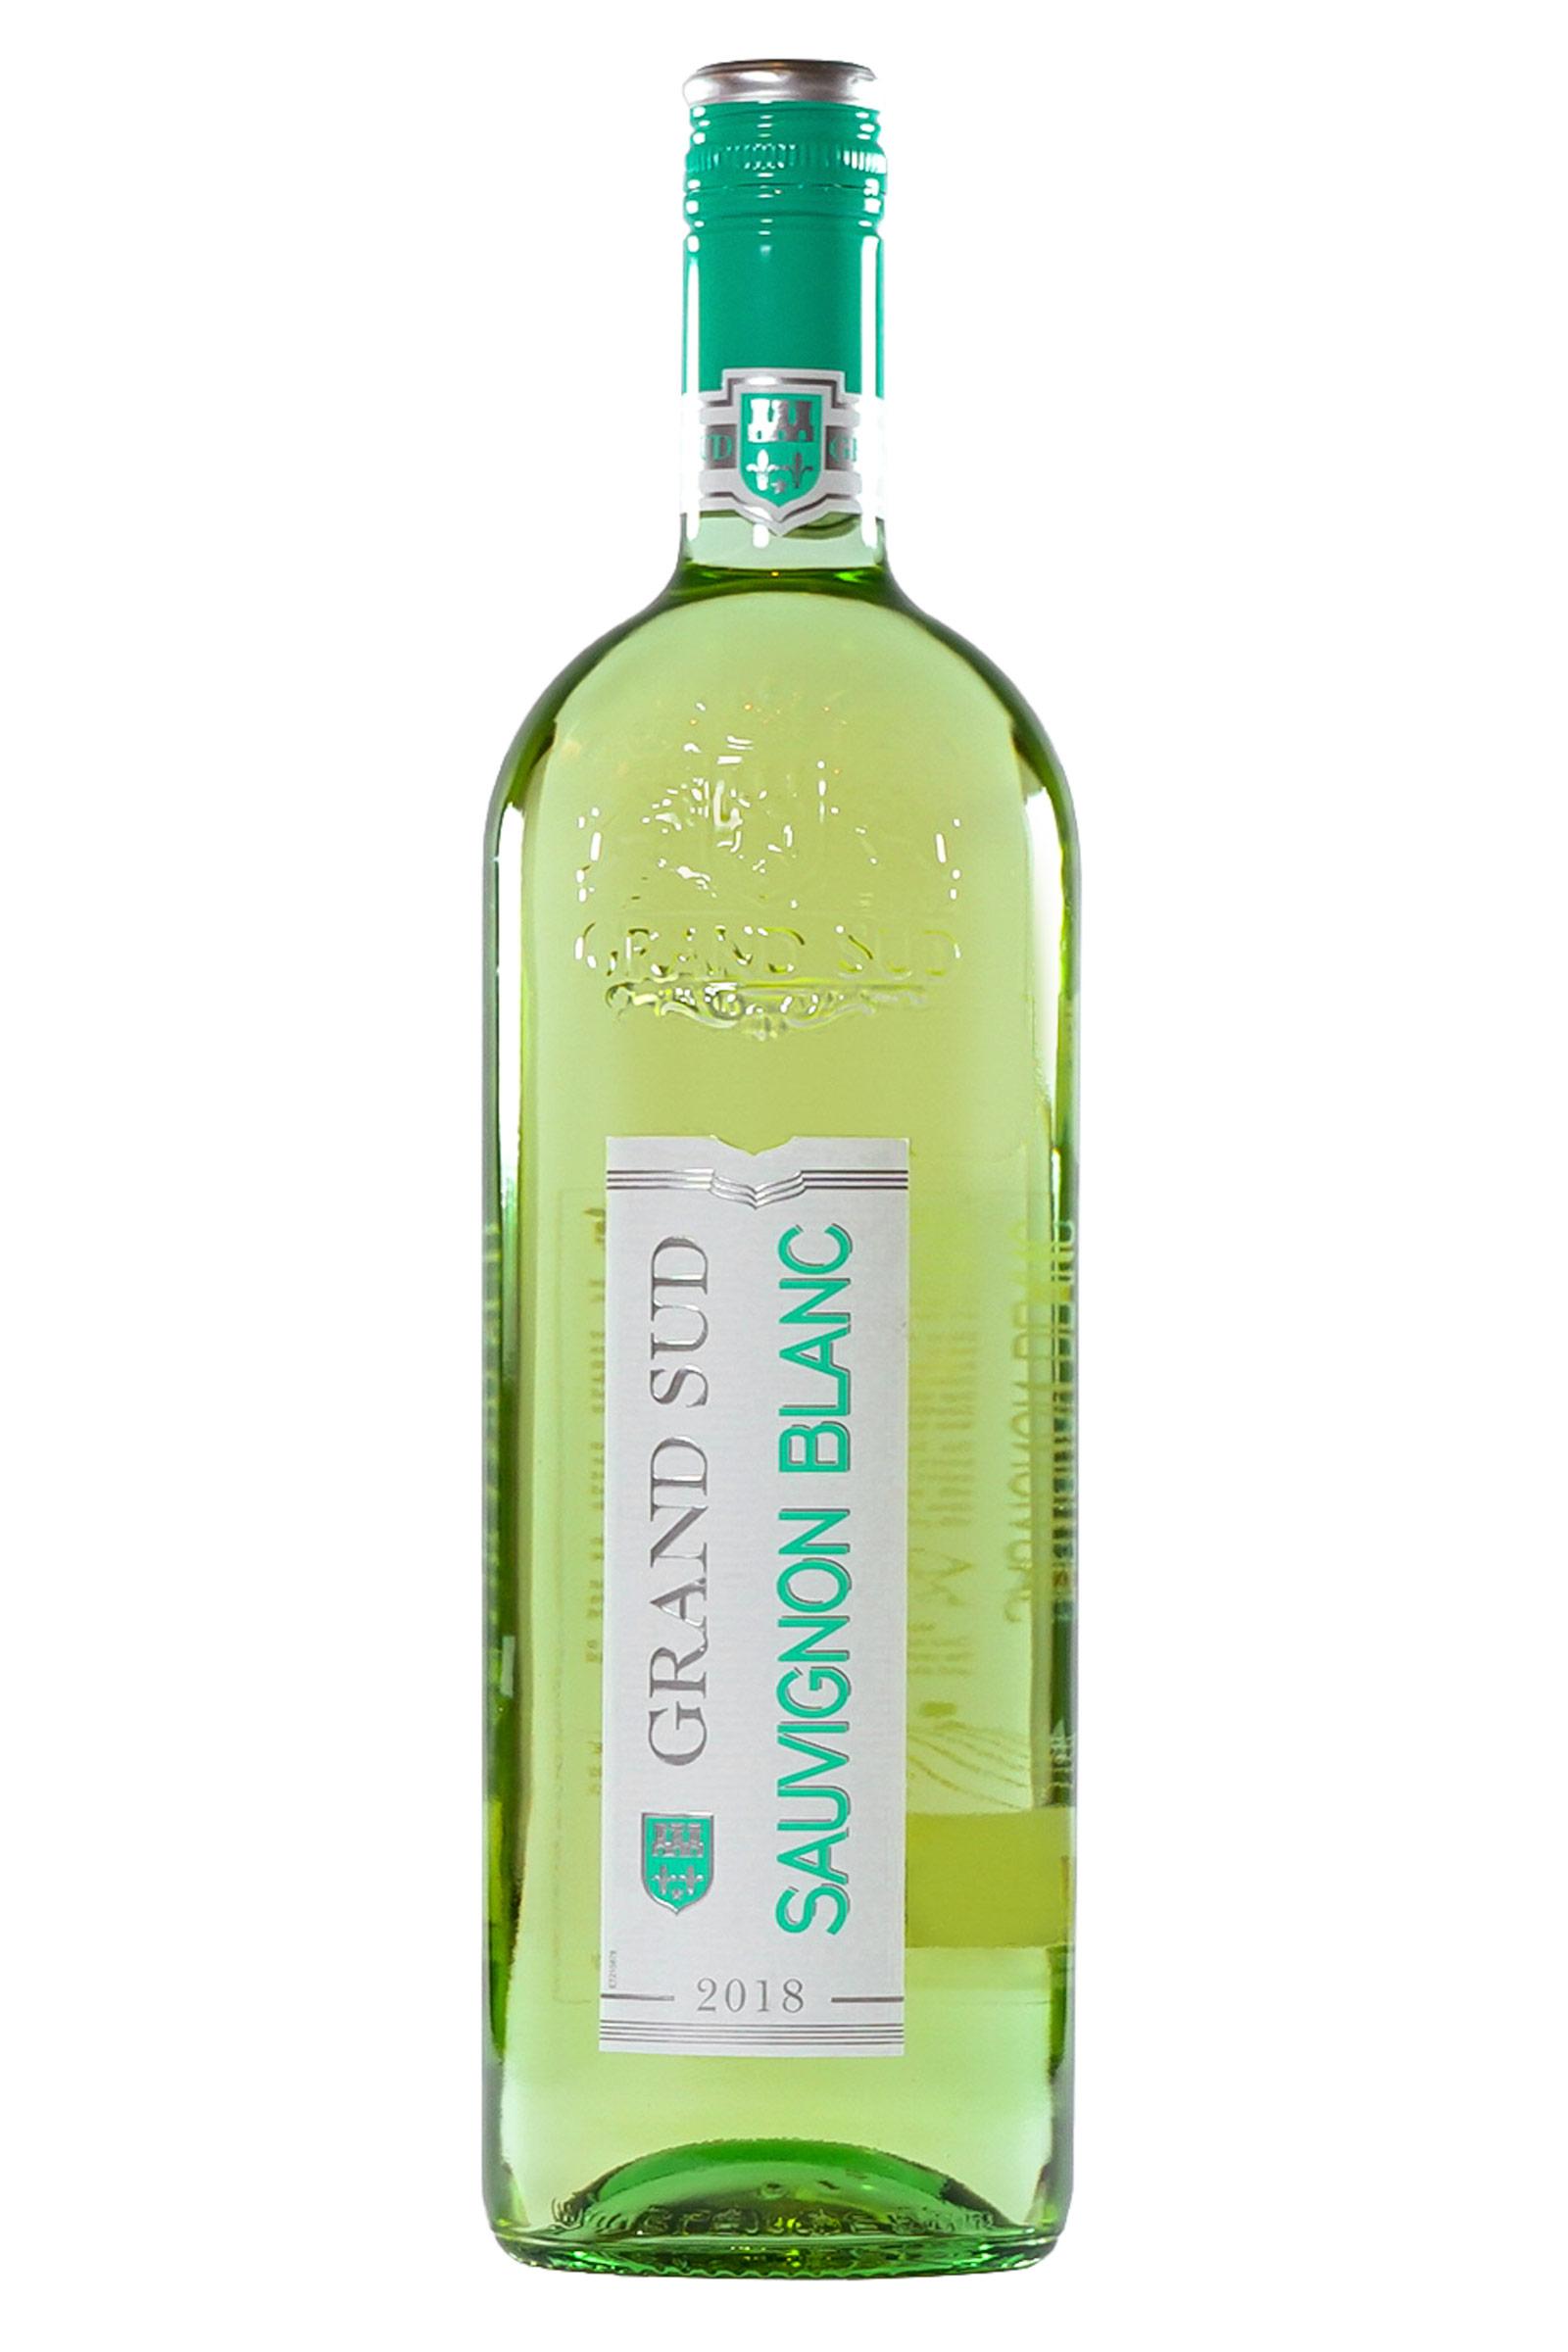 Vino Grand Sud Sauvignon Blanc 1000ml